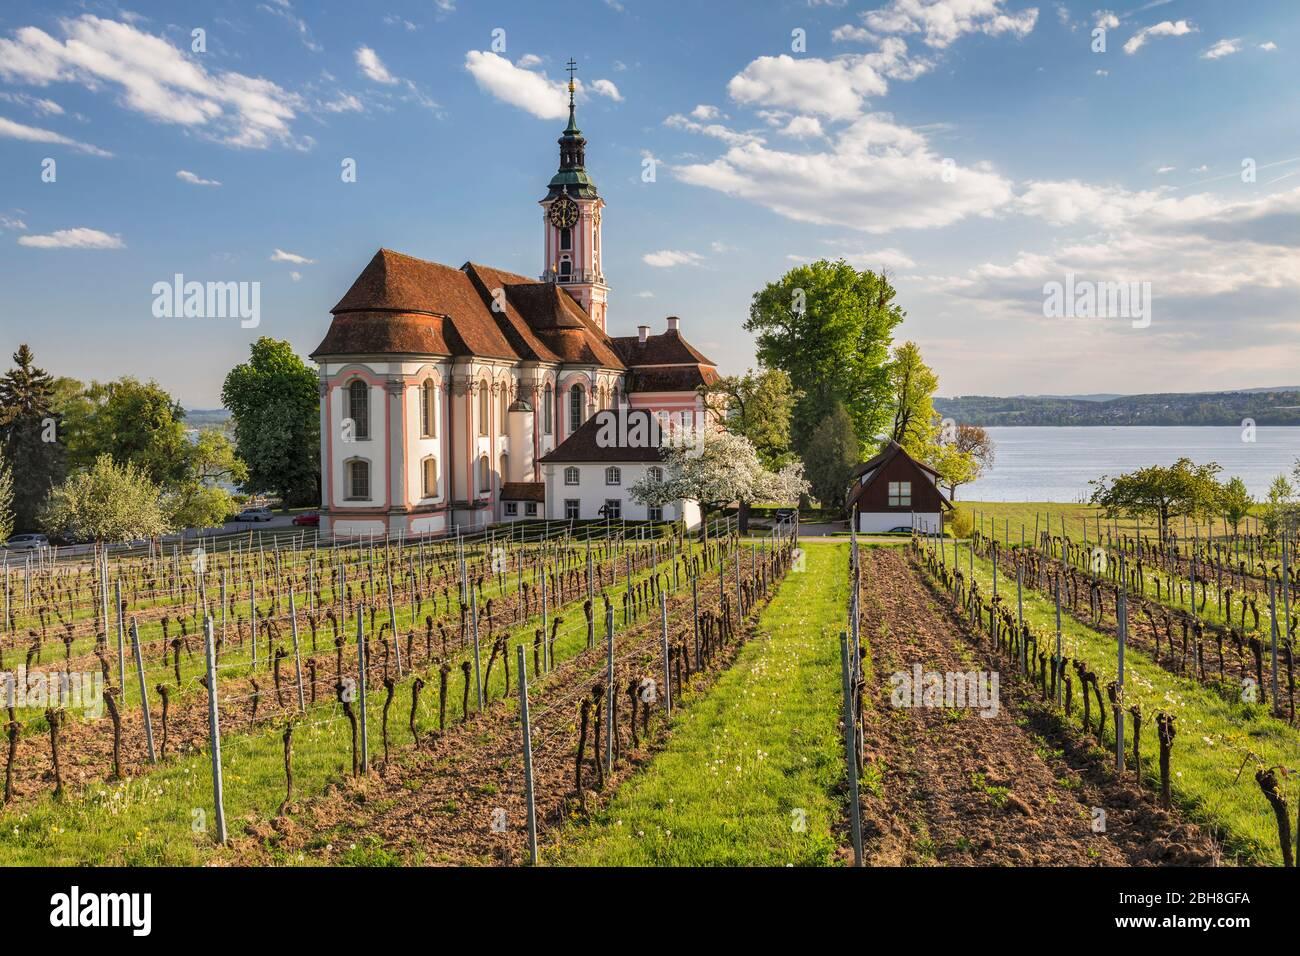 Kloster Birnau, Unteruhldingen, Bodensee, Baden -Württemberg, Deutschland Stock Photo